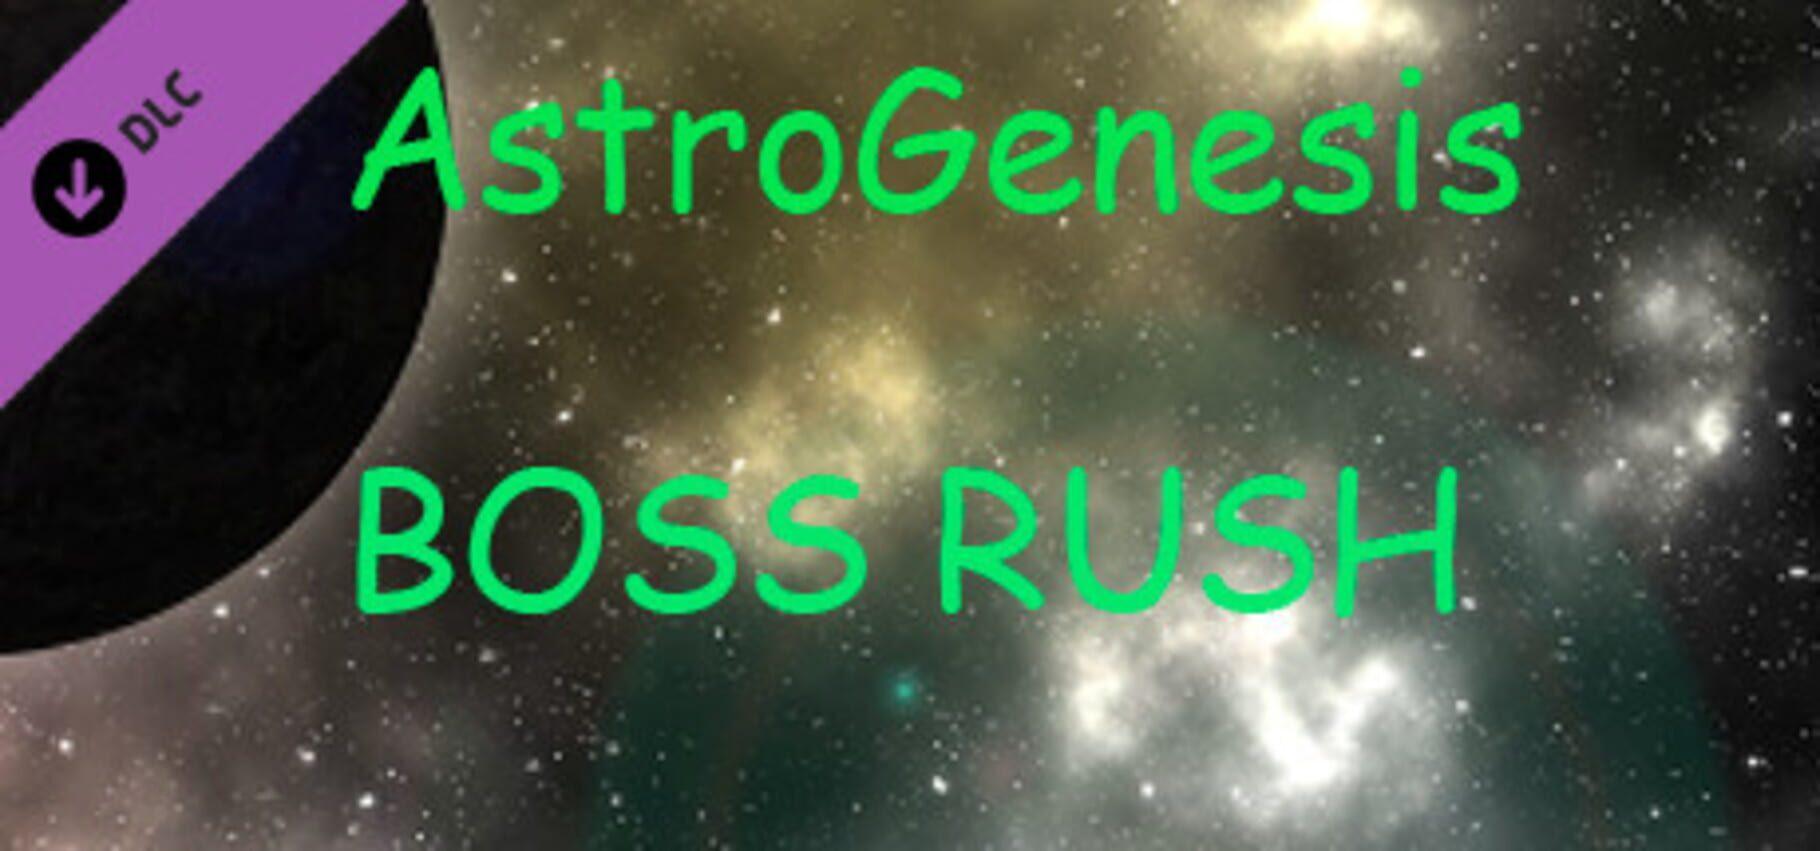 buy Boss Rush cd key for all platform